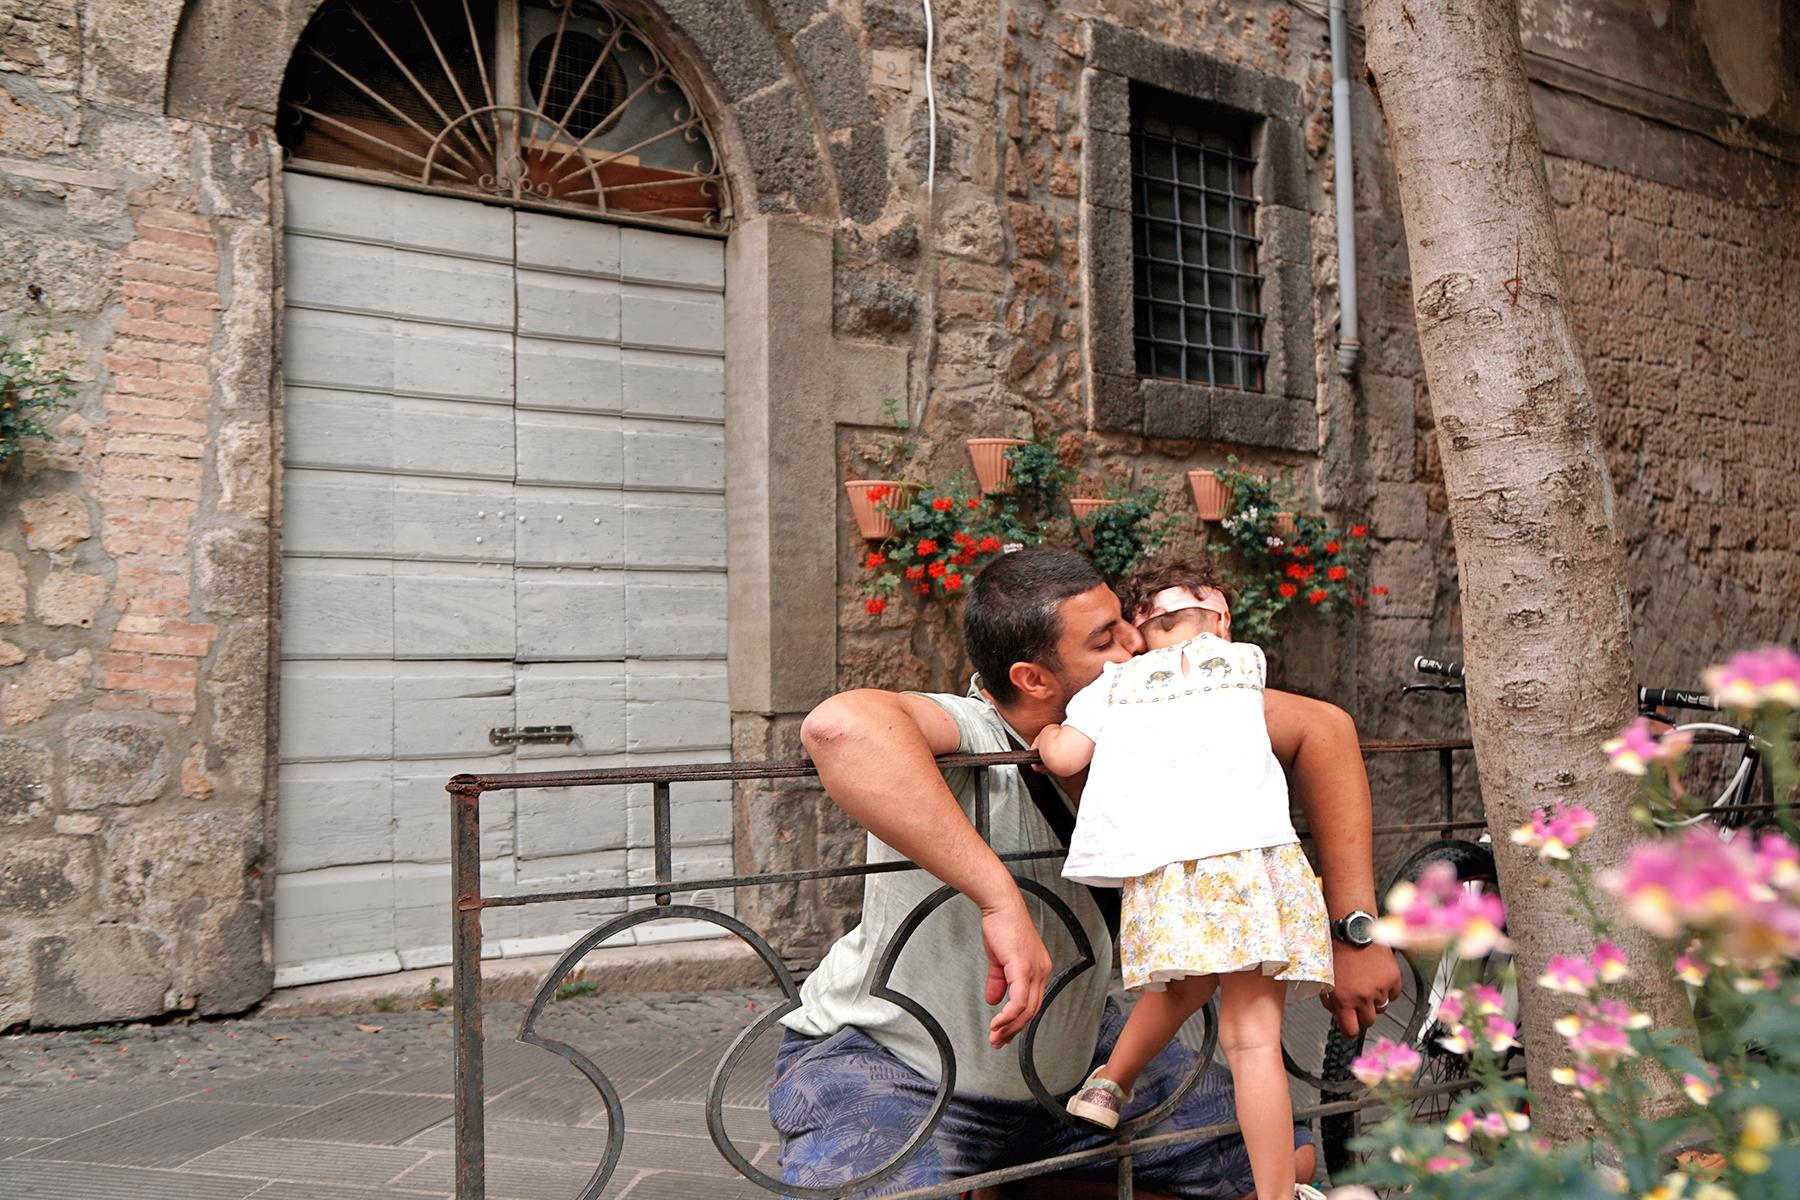 Père et fille s'embrassent, Orvieto Italie